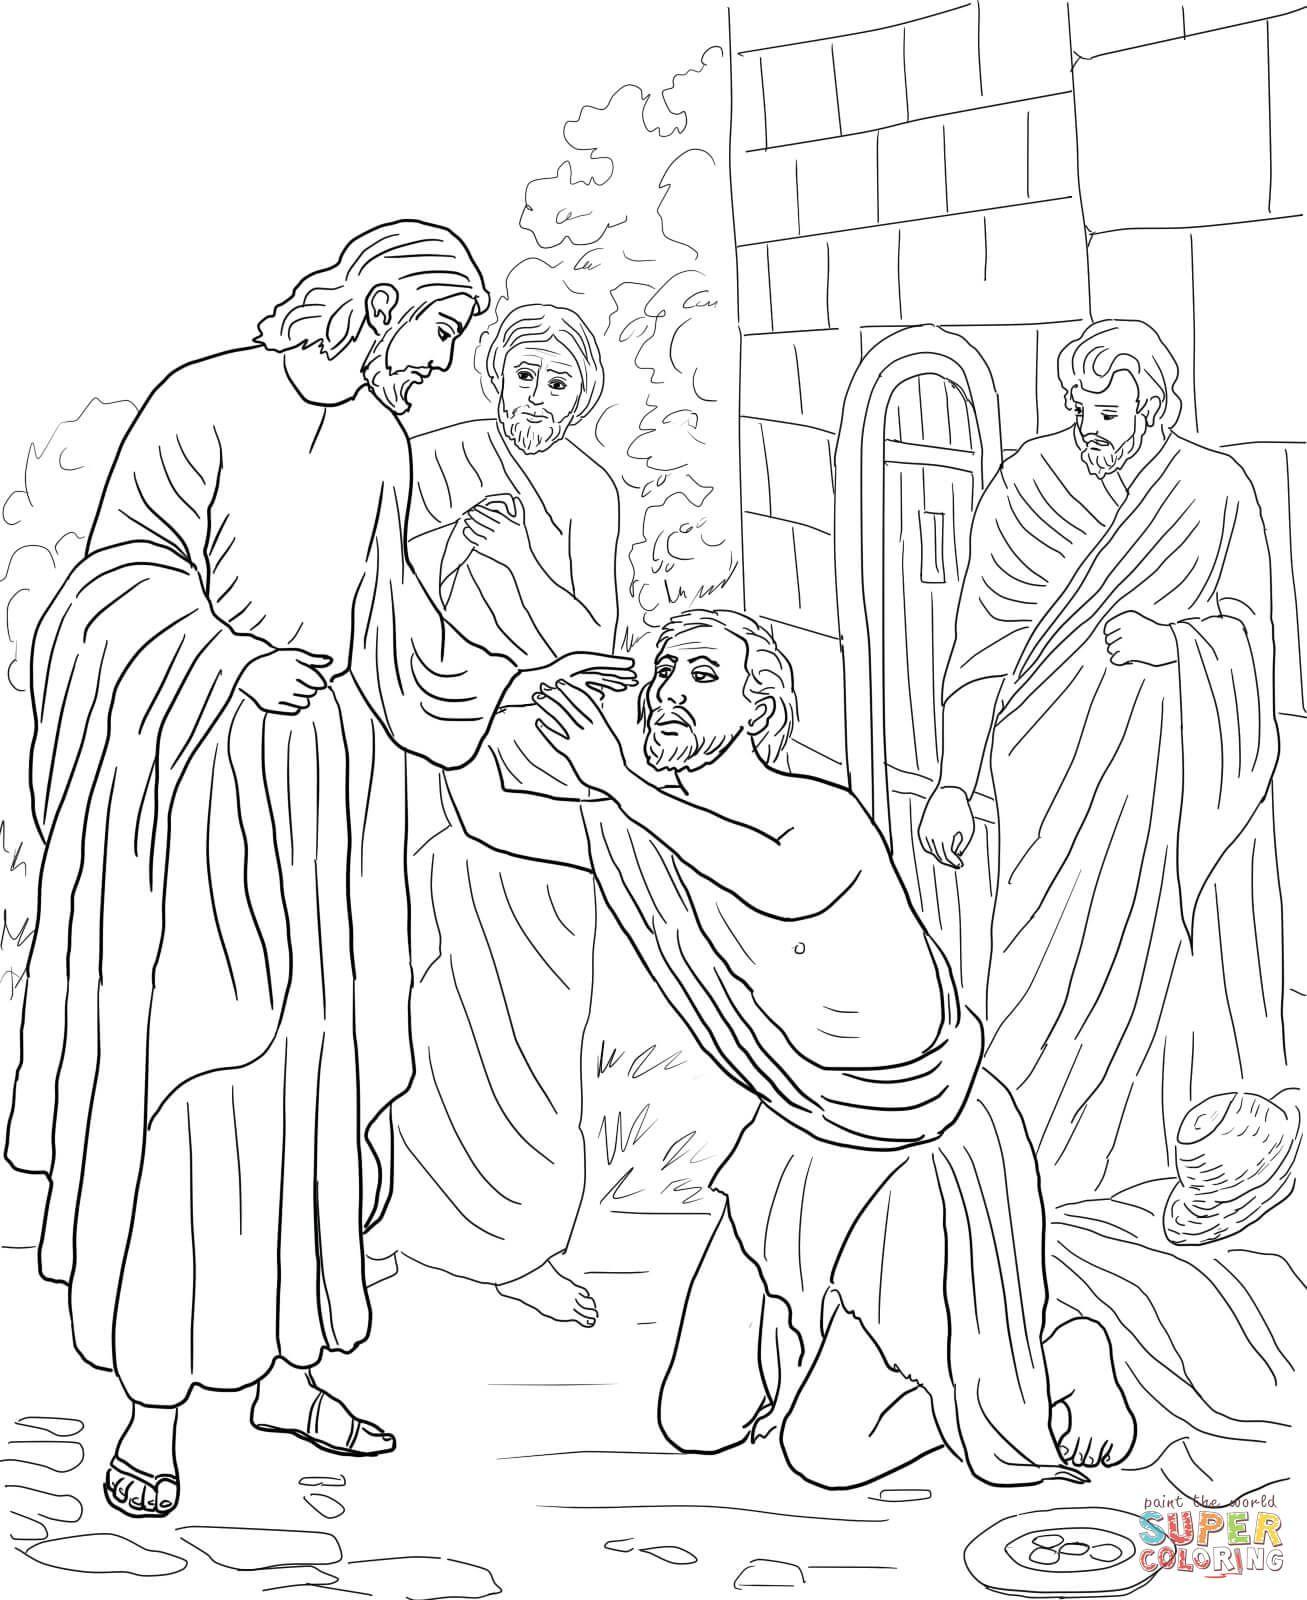 Lujo Imagenes Para Pintar De Una Biblia   Colore Ar La Imagen